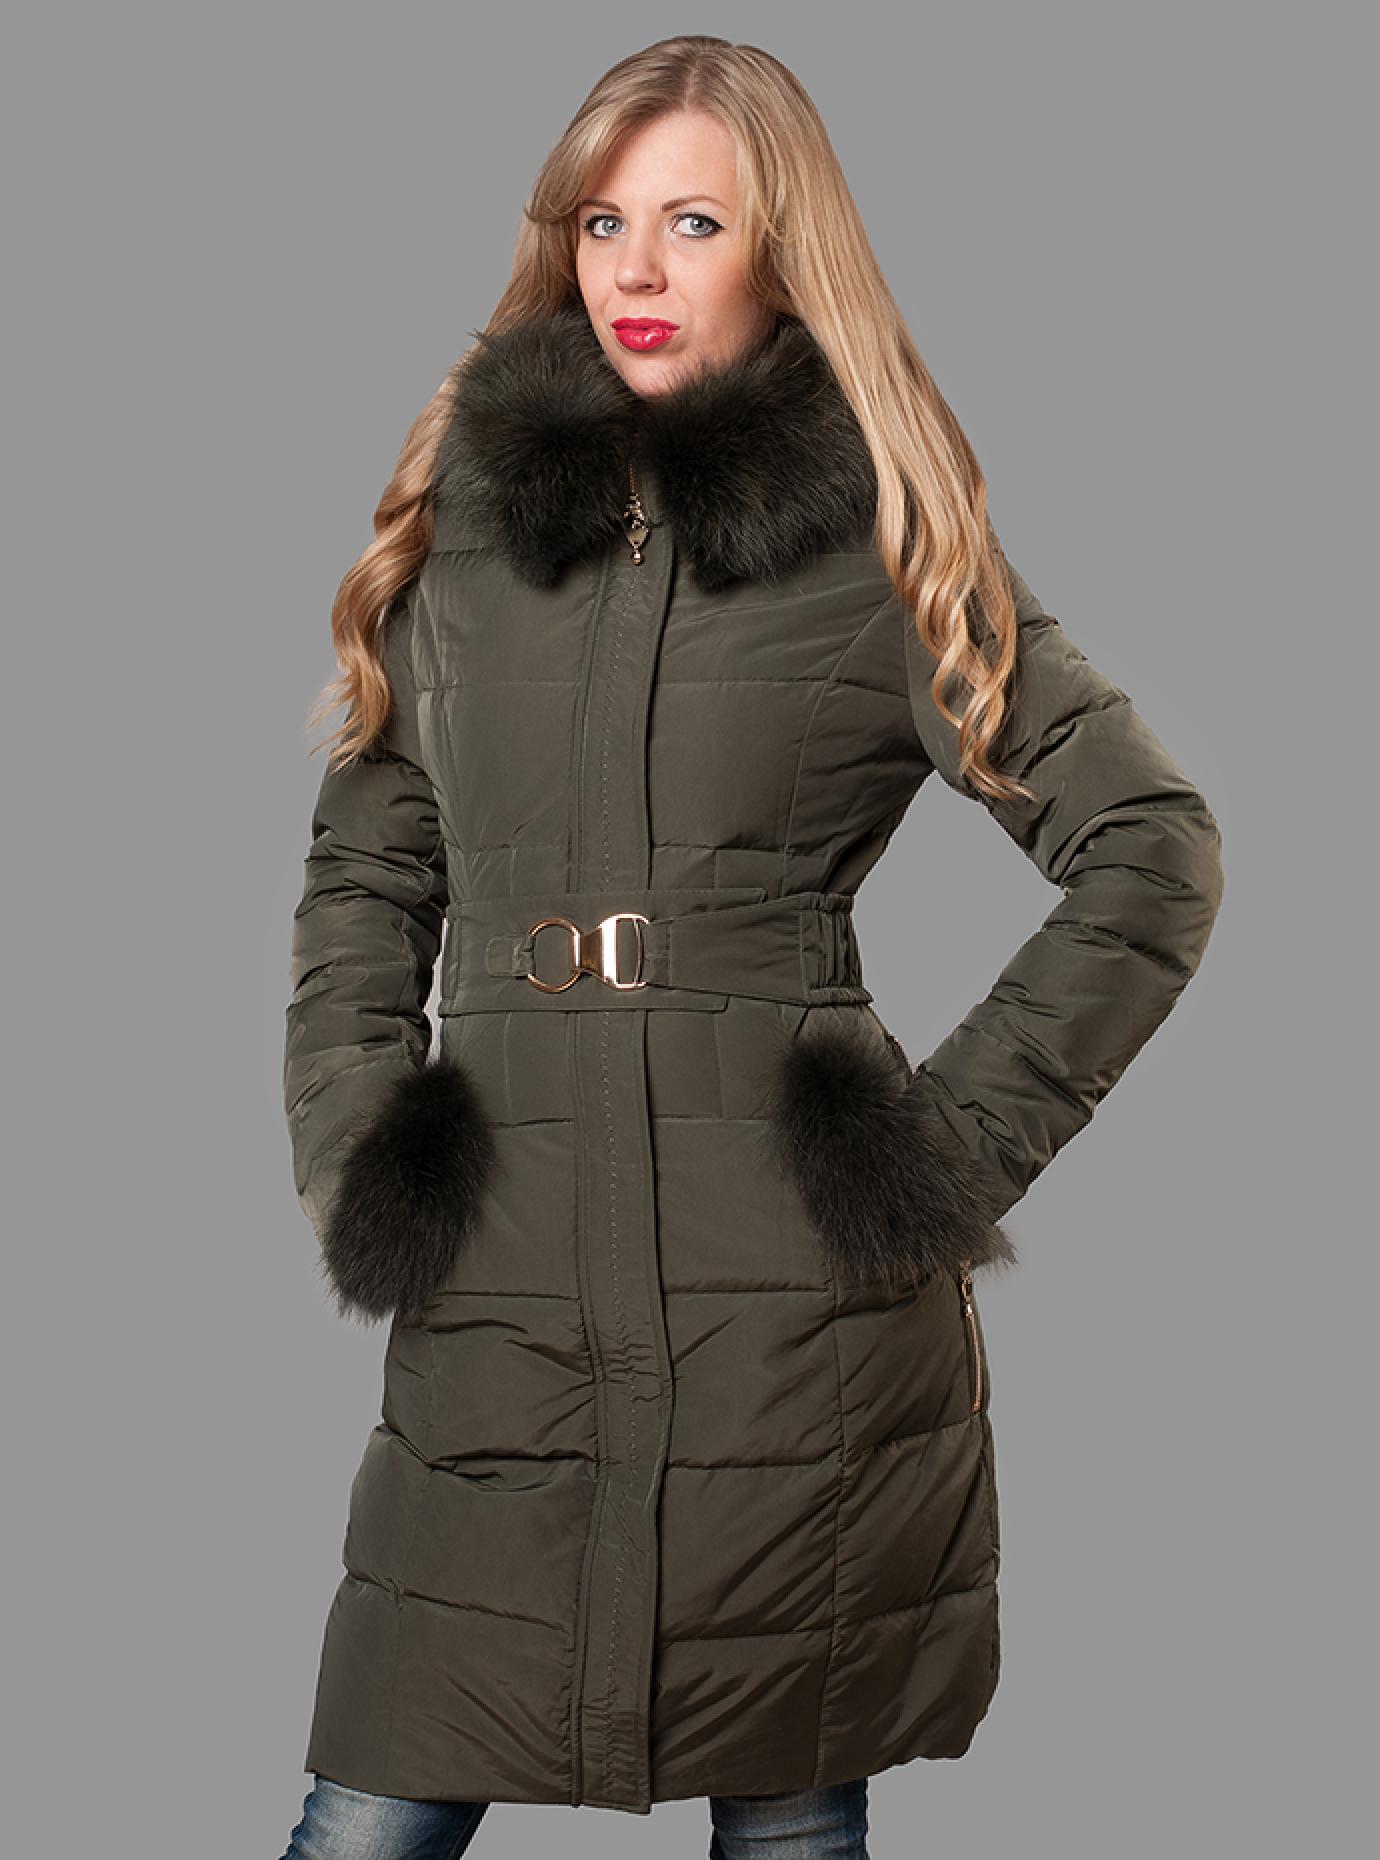 Пуховик женский зимний с мехом енота Чёрный S (05-ZZ19095): фото - Alster.ua